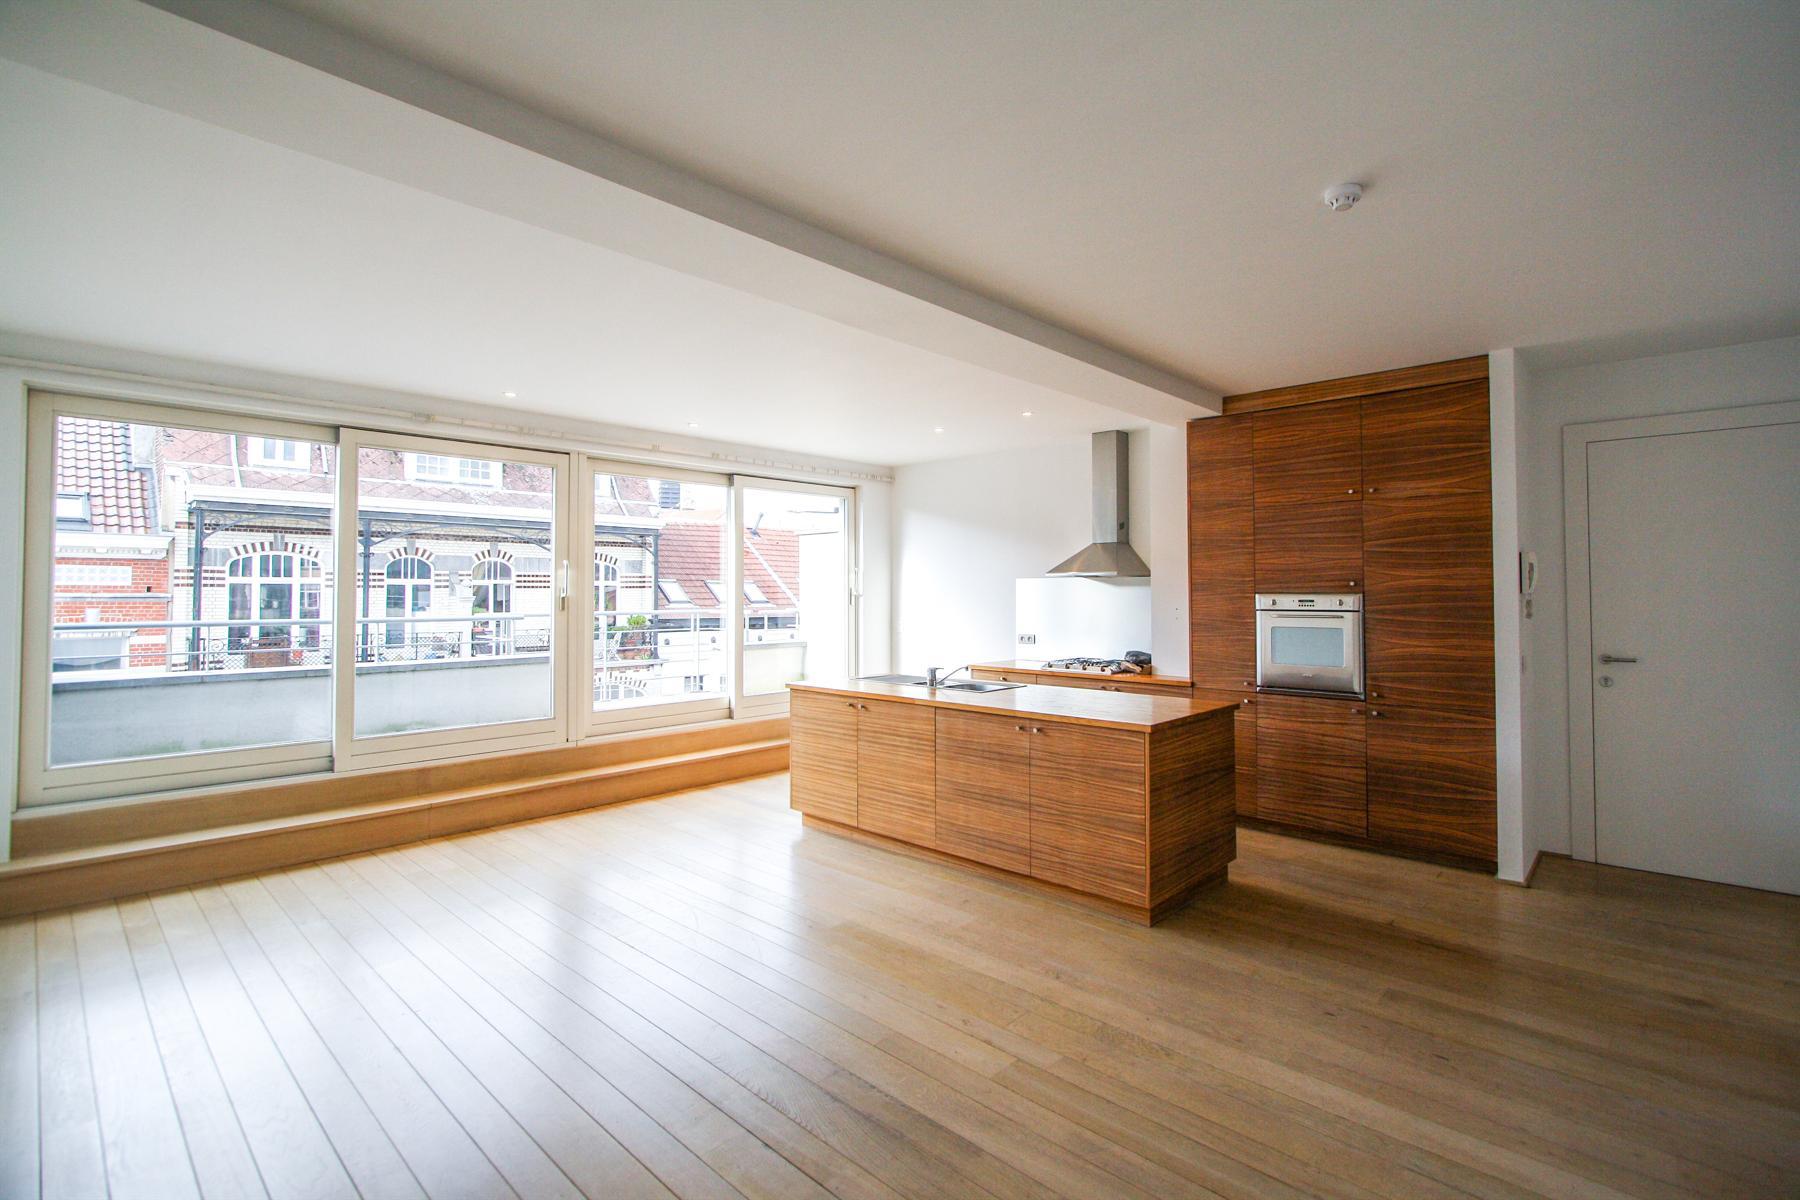 Appartement - Ixelles - #4530763-13